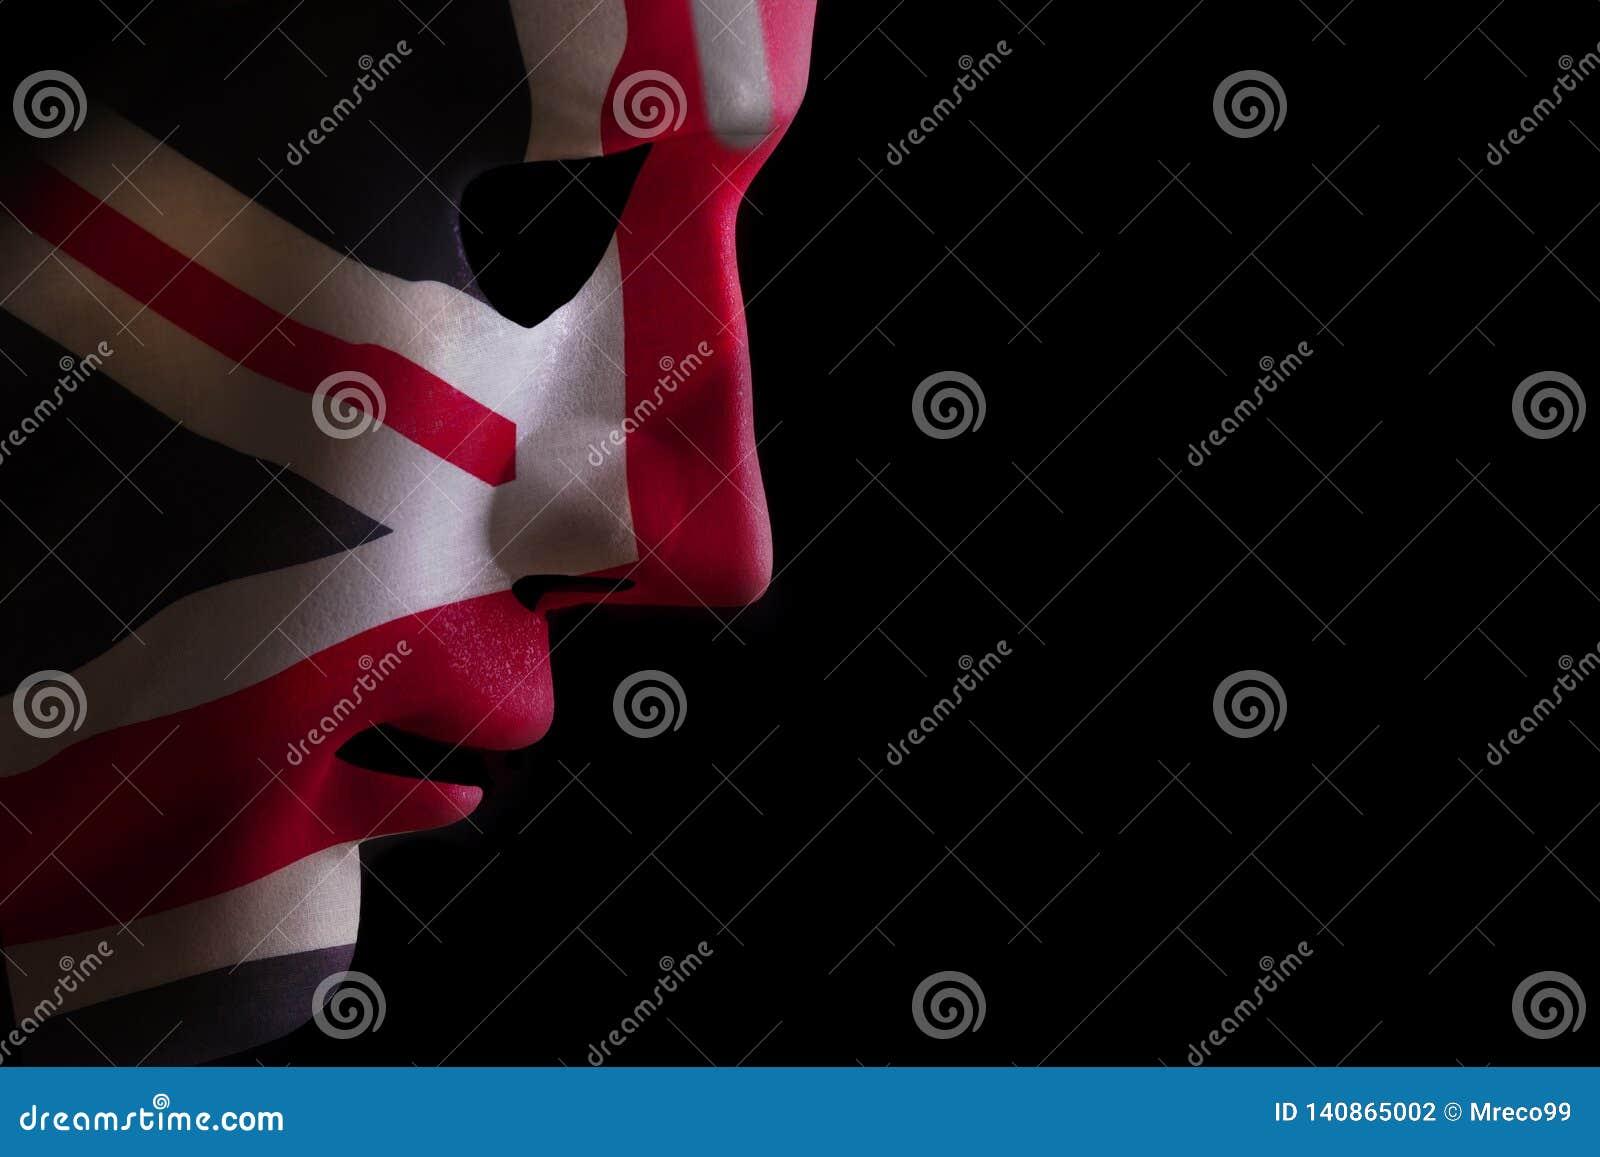 Face mask union jack flag on black